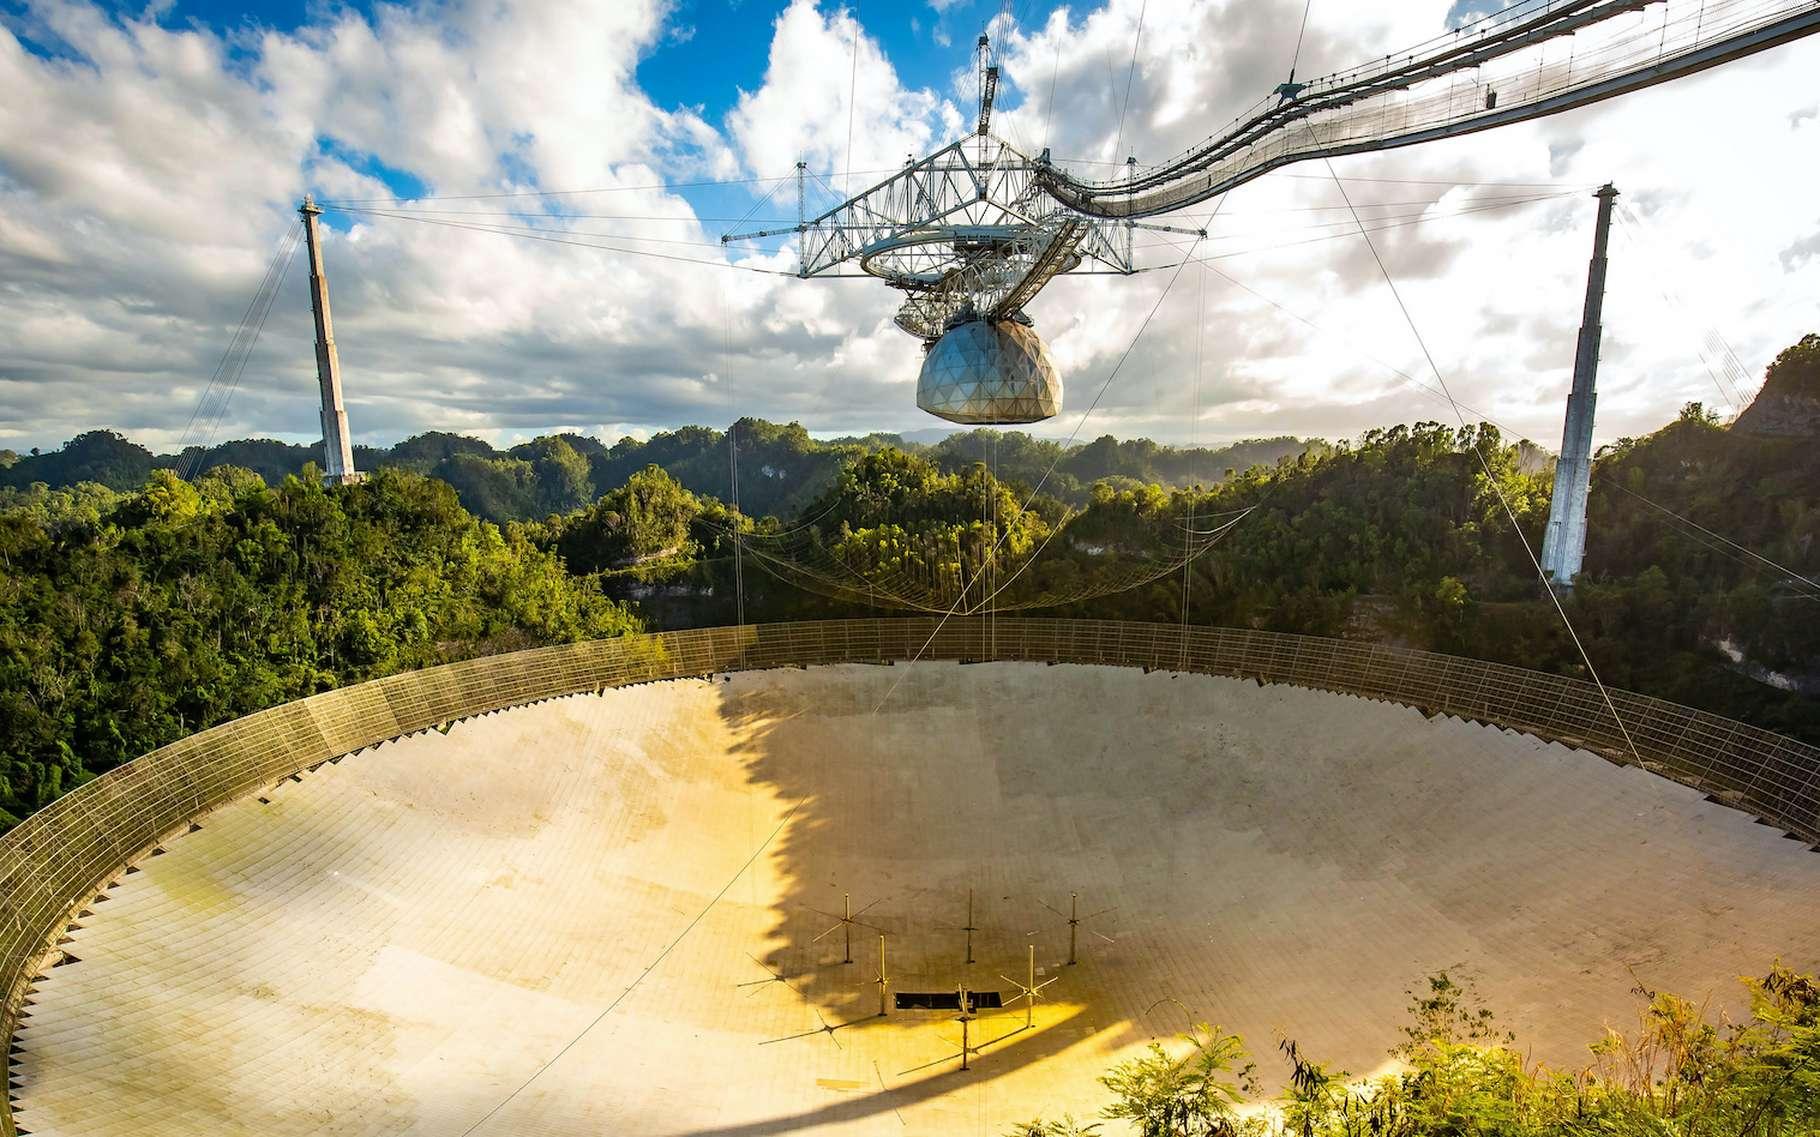 Le célèbre radiotélescope d'Arecibo a été gravement endommagé